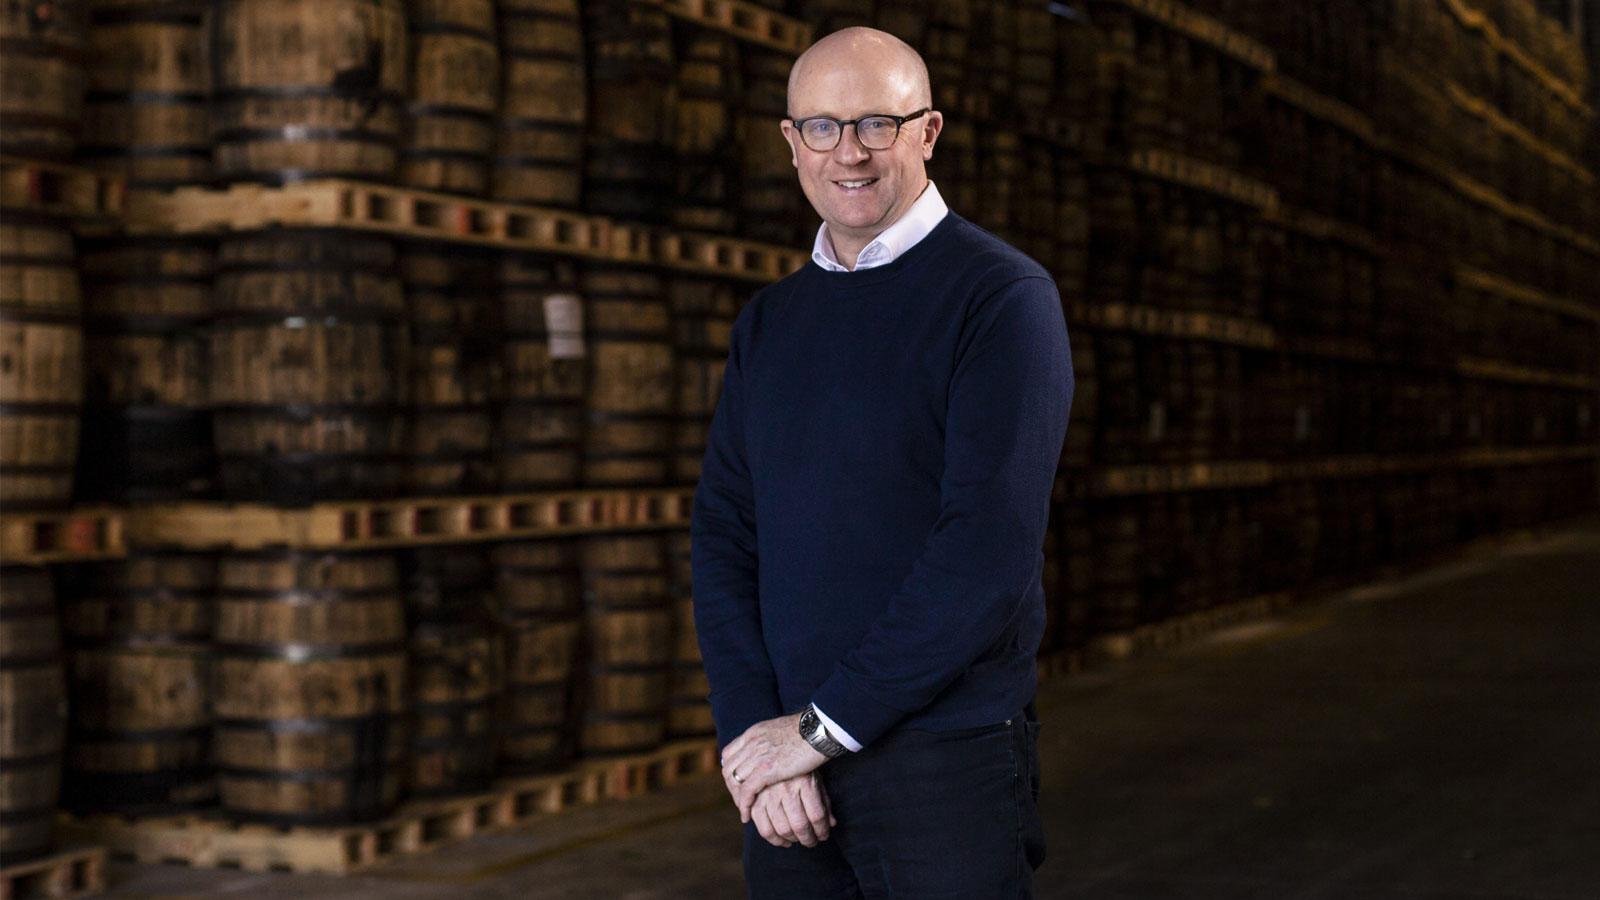 Neuer Master Distiller bei Irish Distillers: Kevin O'Gorman wird Chef-Brennmeister